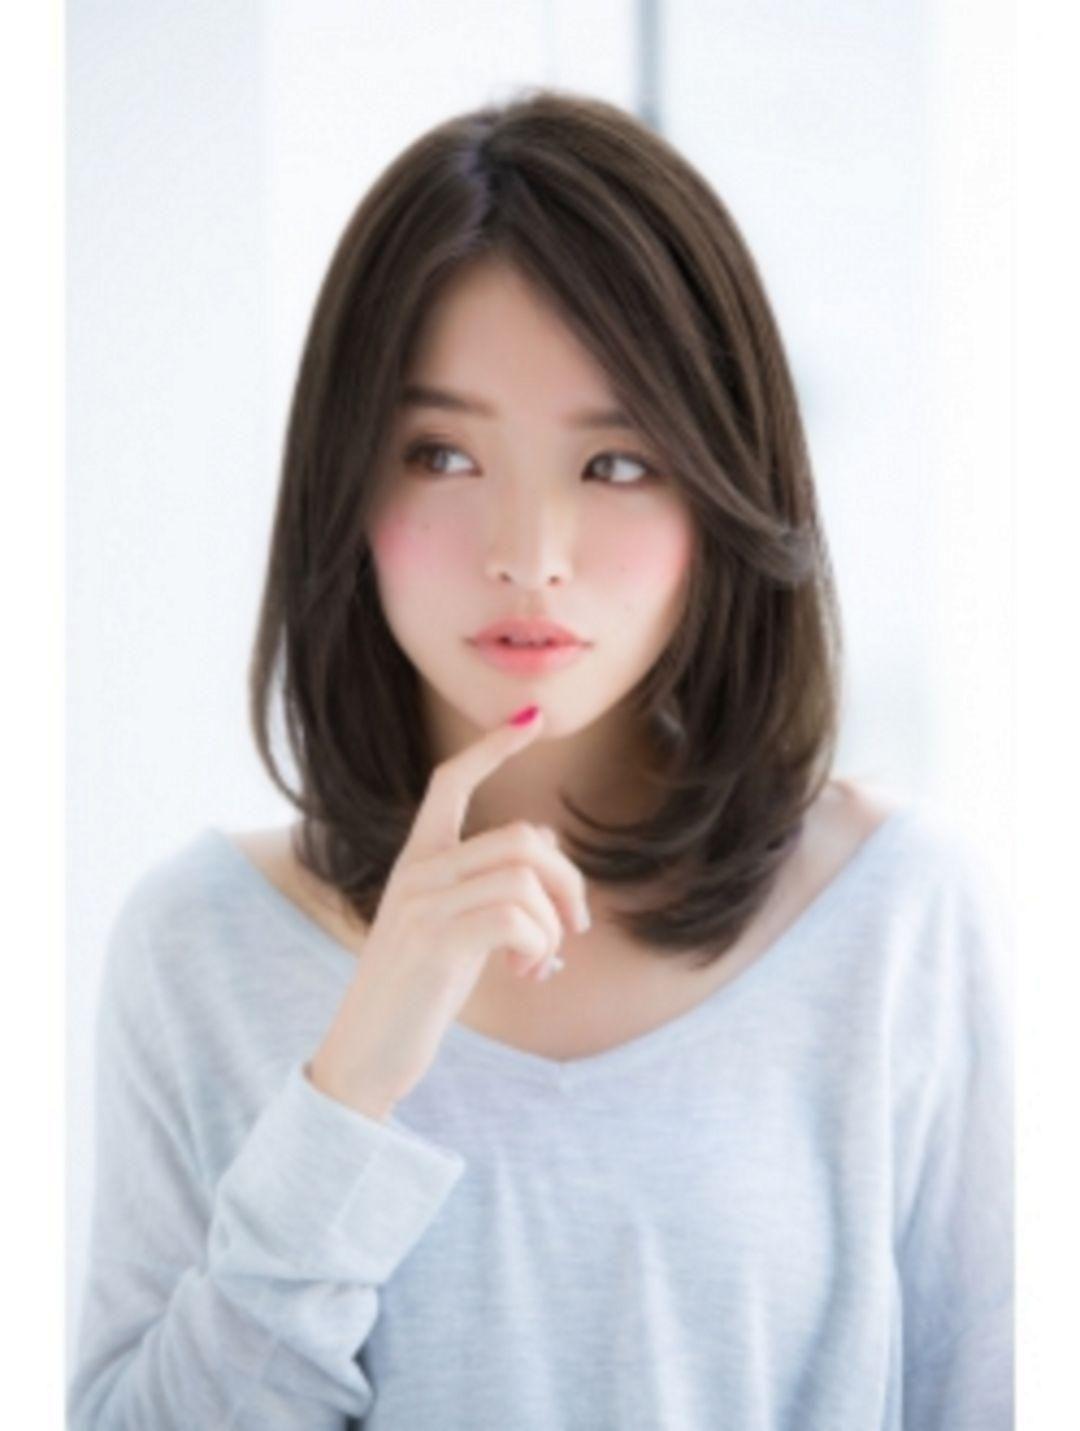 weibliche asiatische frisur #weibliche #asiatische #frisur